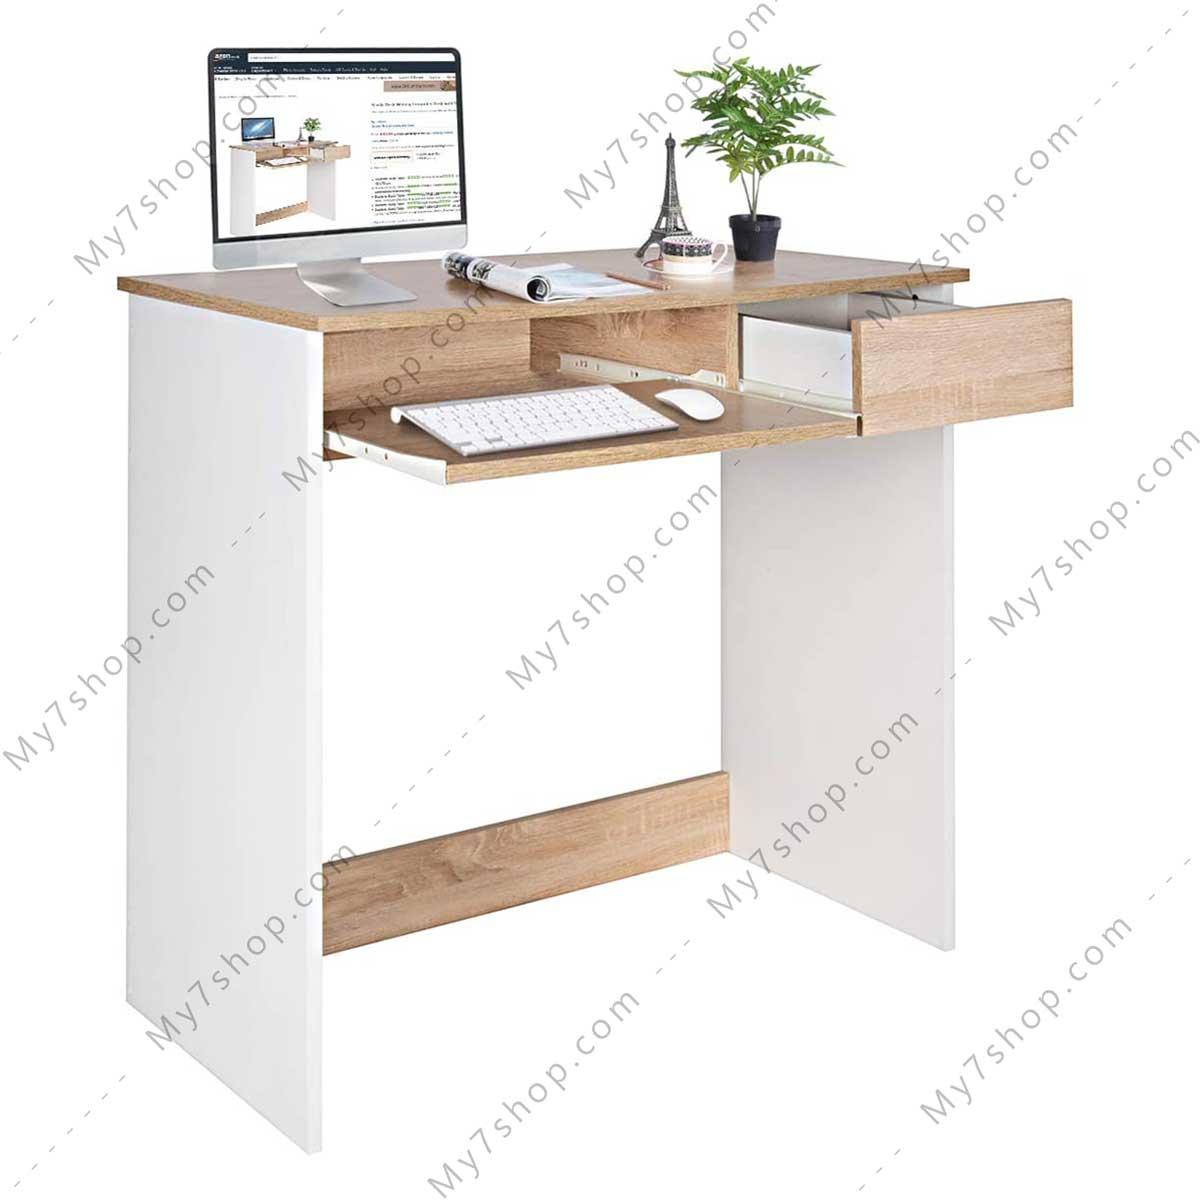 میز کامپیوتر 7524